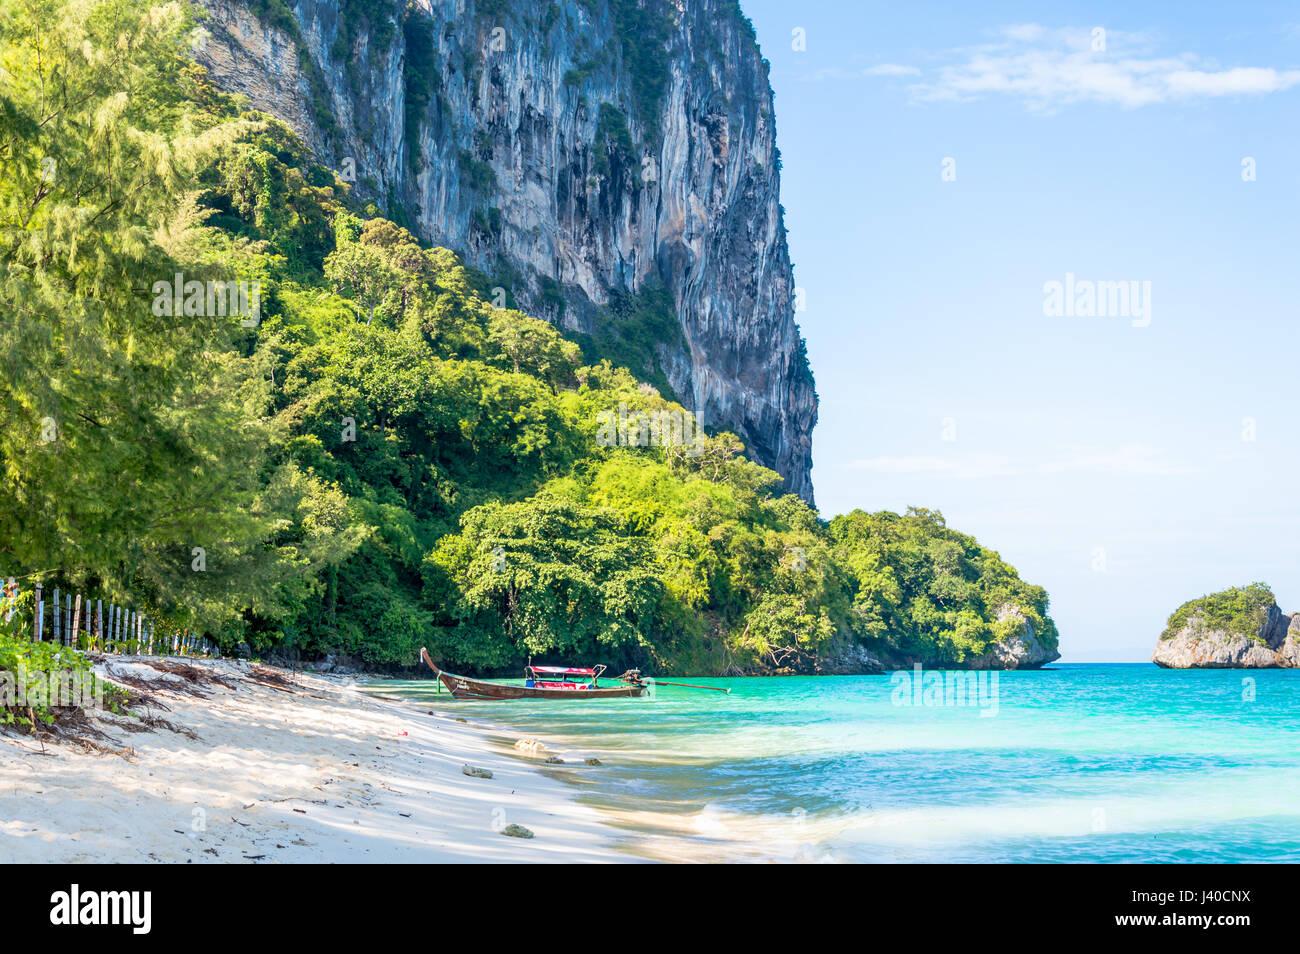 Landschaften auf Insel Strand gegen Himmel Stockbild